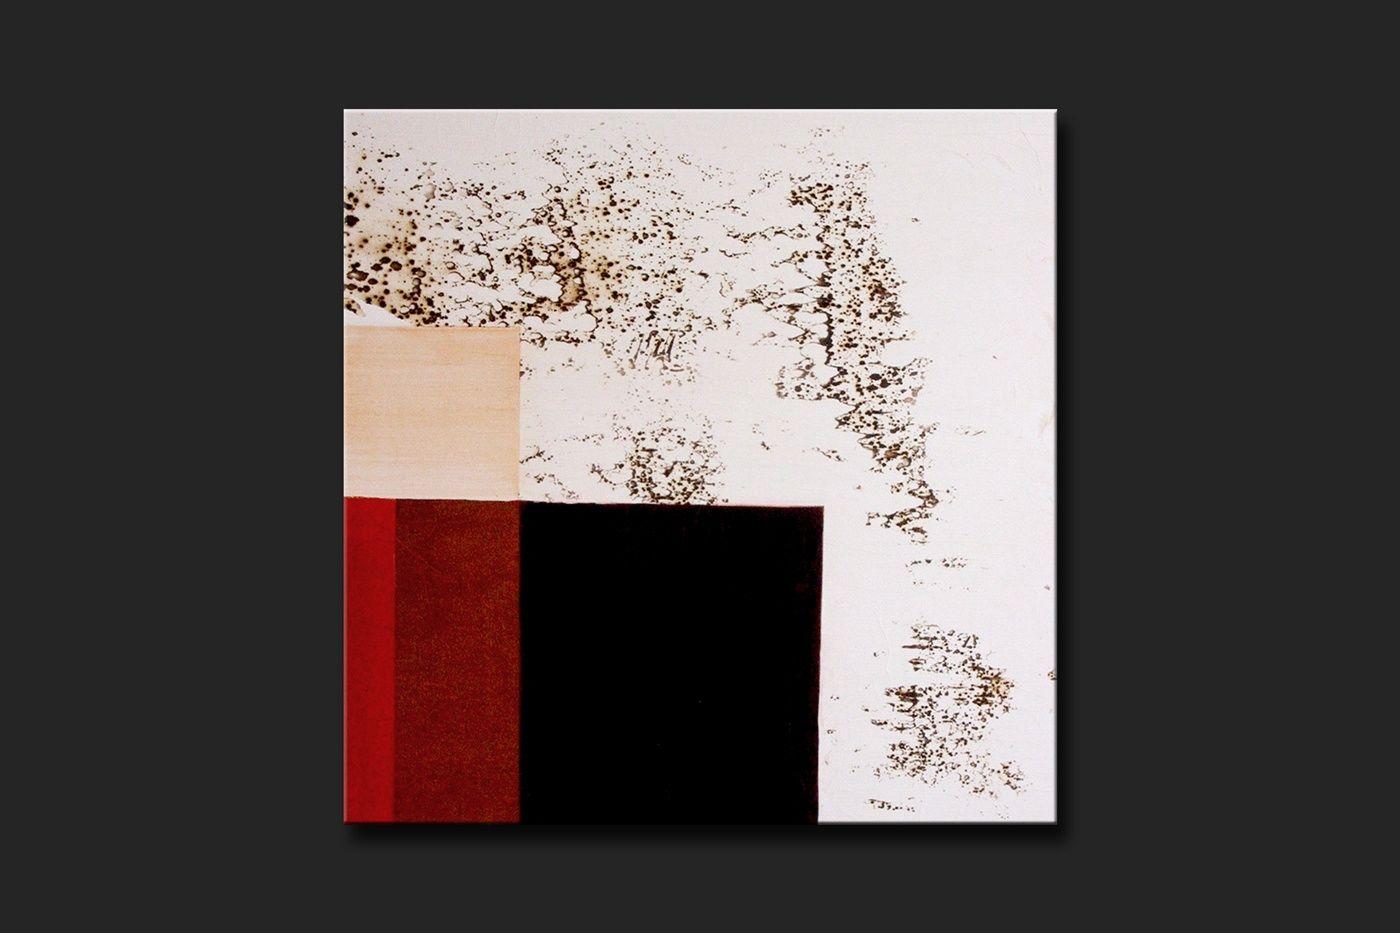 Thomas Girbl burning-pictures-art | burning-elements - Thomas Girbl burningpictures UNA 1 (Einheit) 2005 70cm x 70cm